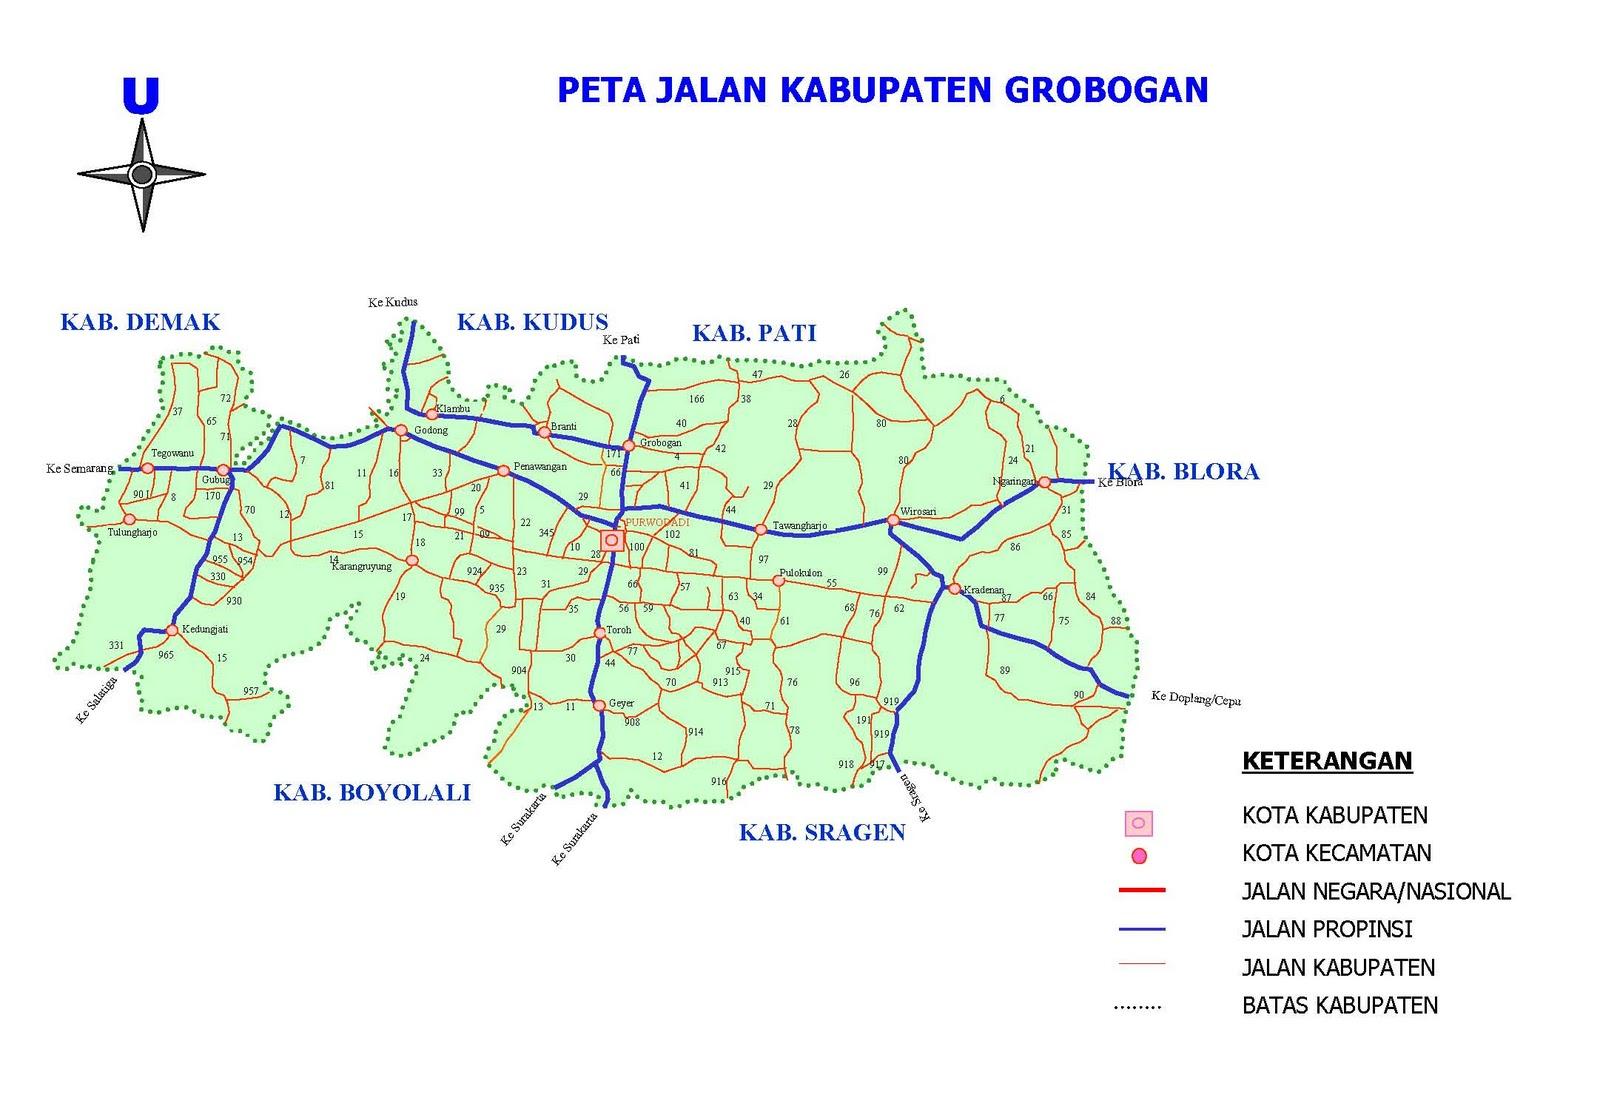 Www Loker Di Kota Demak Com Lowongan Kerja Demak September 2016 Terbaru Serta Kabupaten Demak Kabupaten Kudus Dan Kabupaten Pati Di Utara